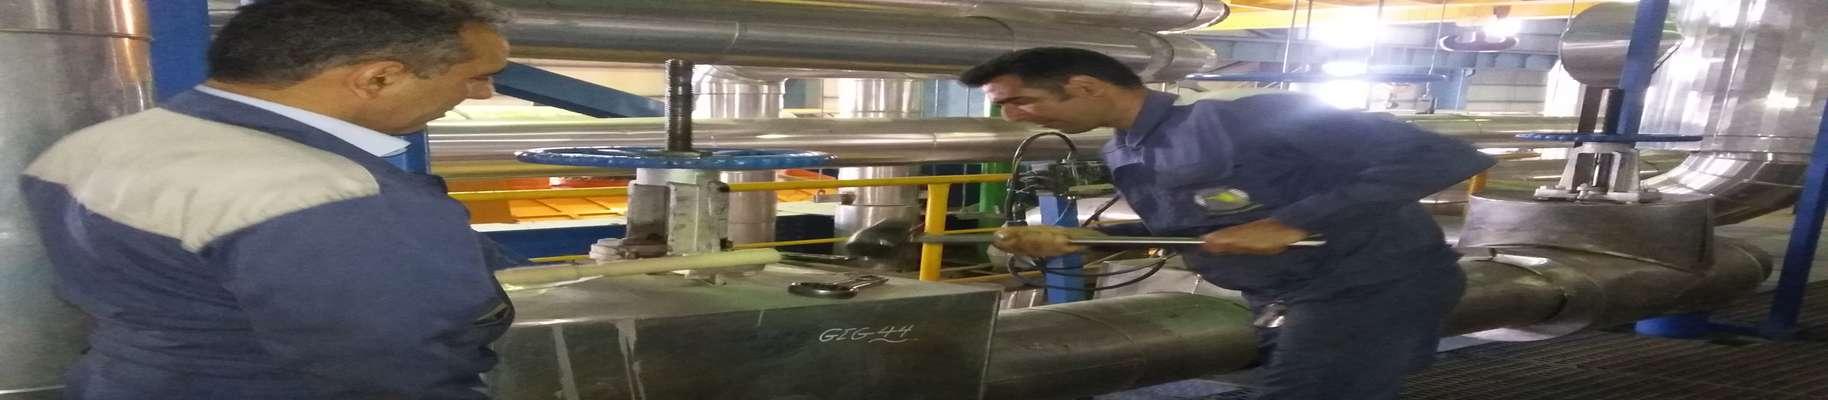 طراحی و ساخت ابزار حفاظت از انگشت، در نیروگاه حرارتی شازند